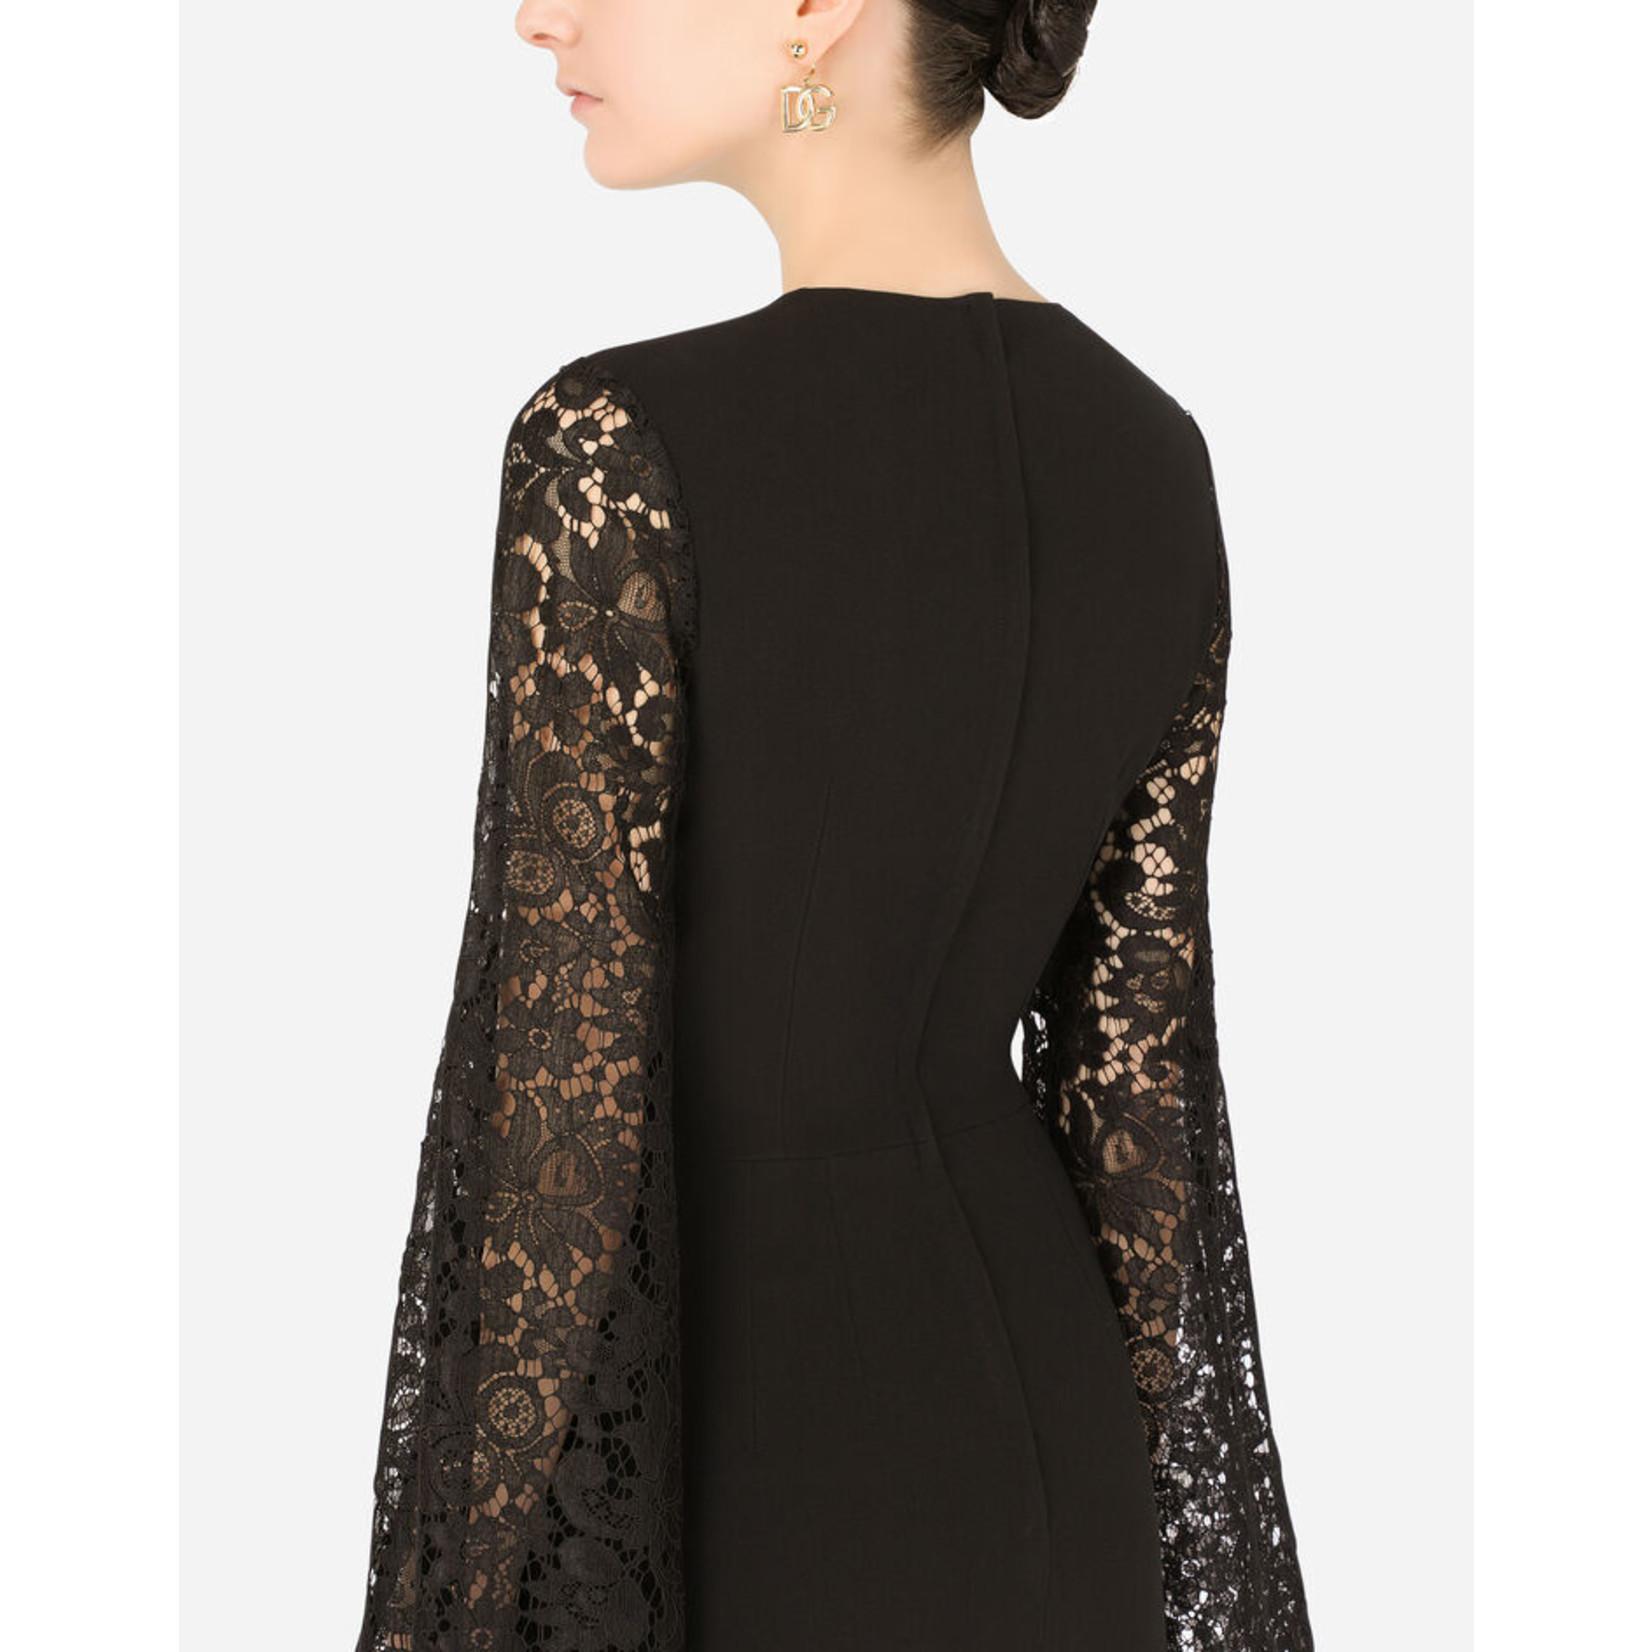 Dolce&Gabbana Kleed 42950